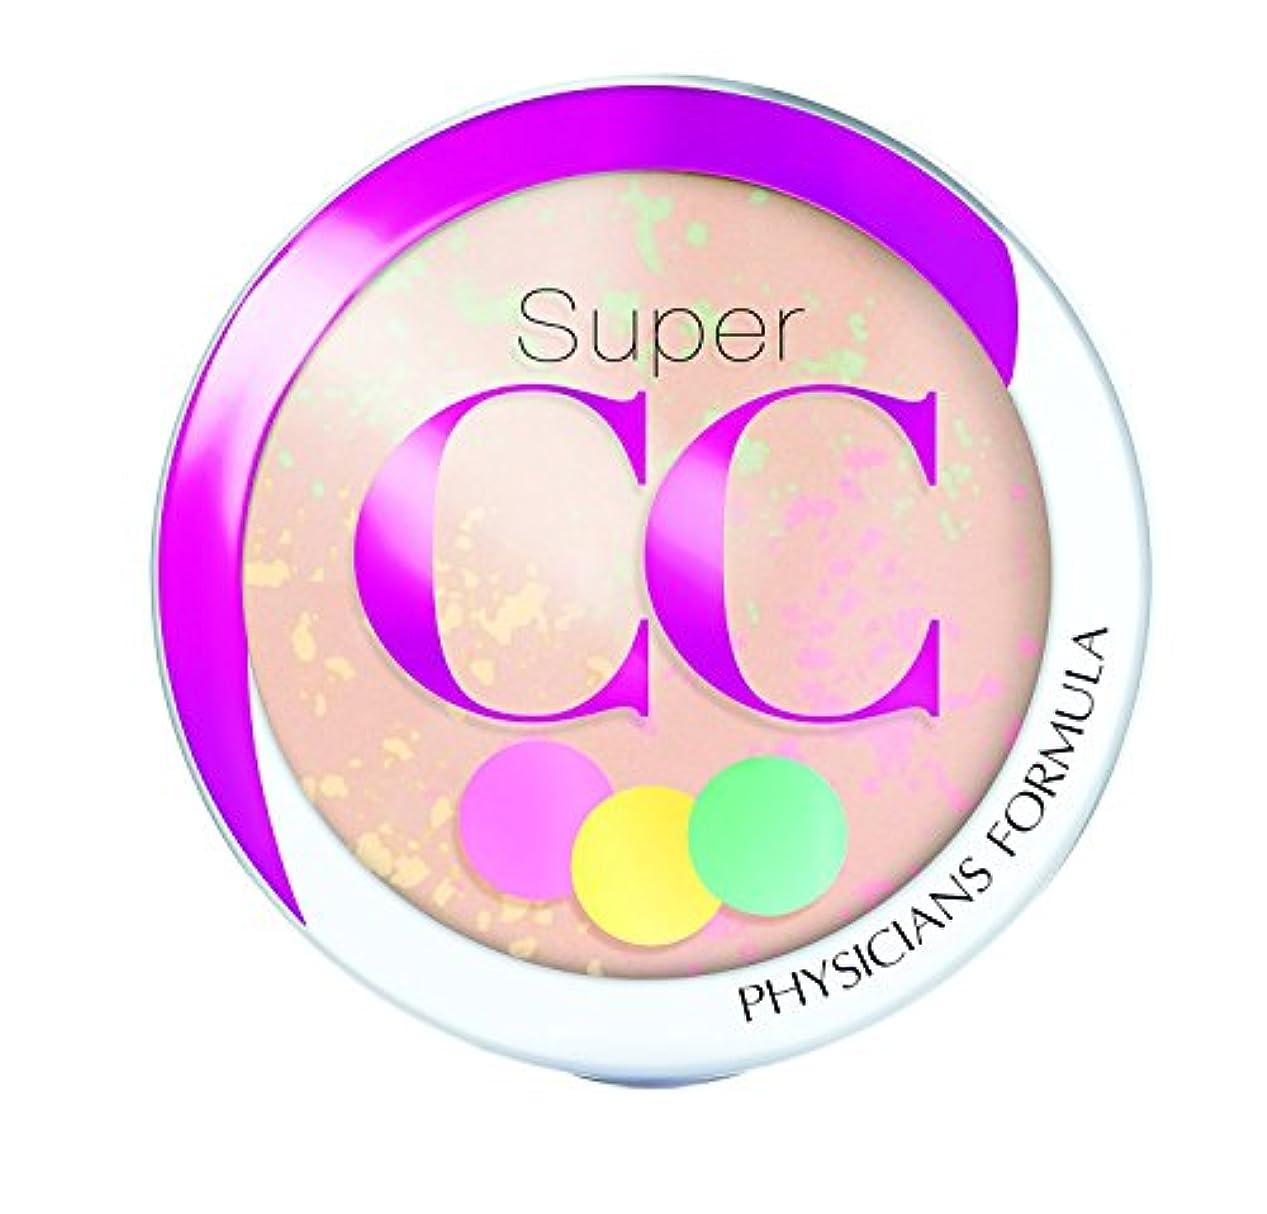 悲鳴狂気軍艦PHYSICIANS FORMULA Super CC+ Color-Correction + Care CC+ Powder SPF 30 - Light/Medium